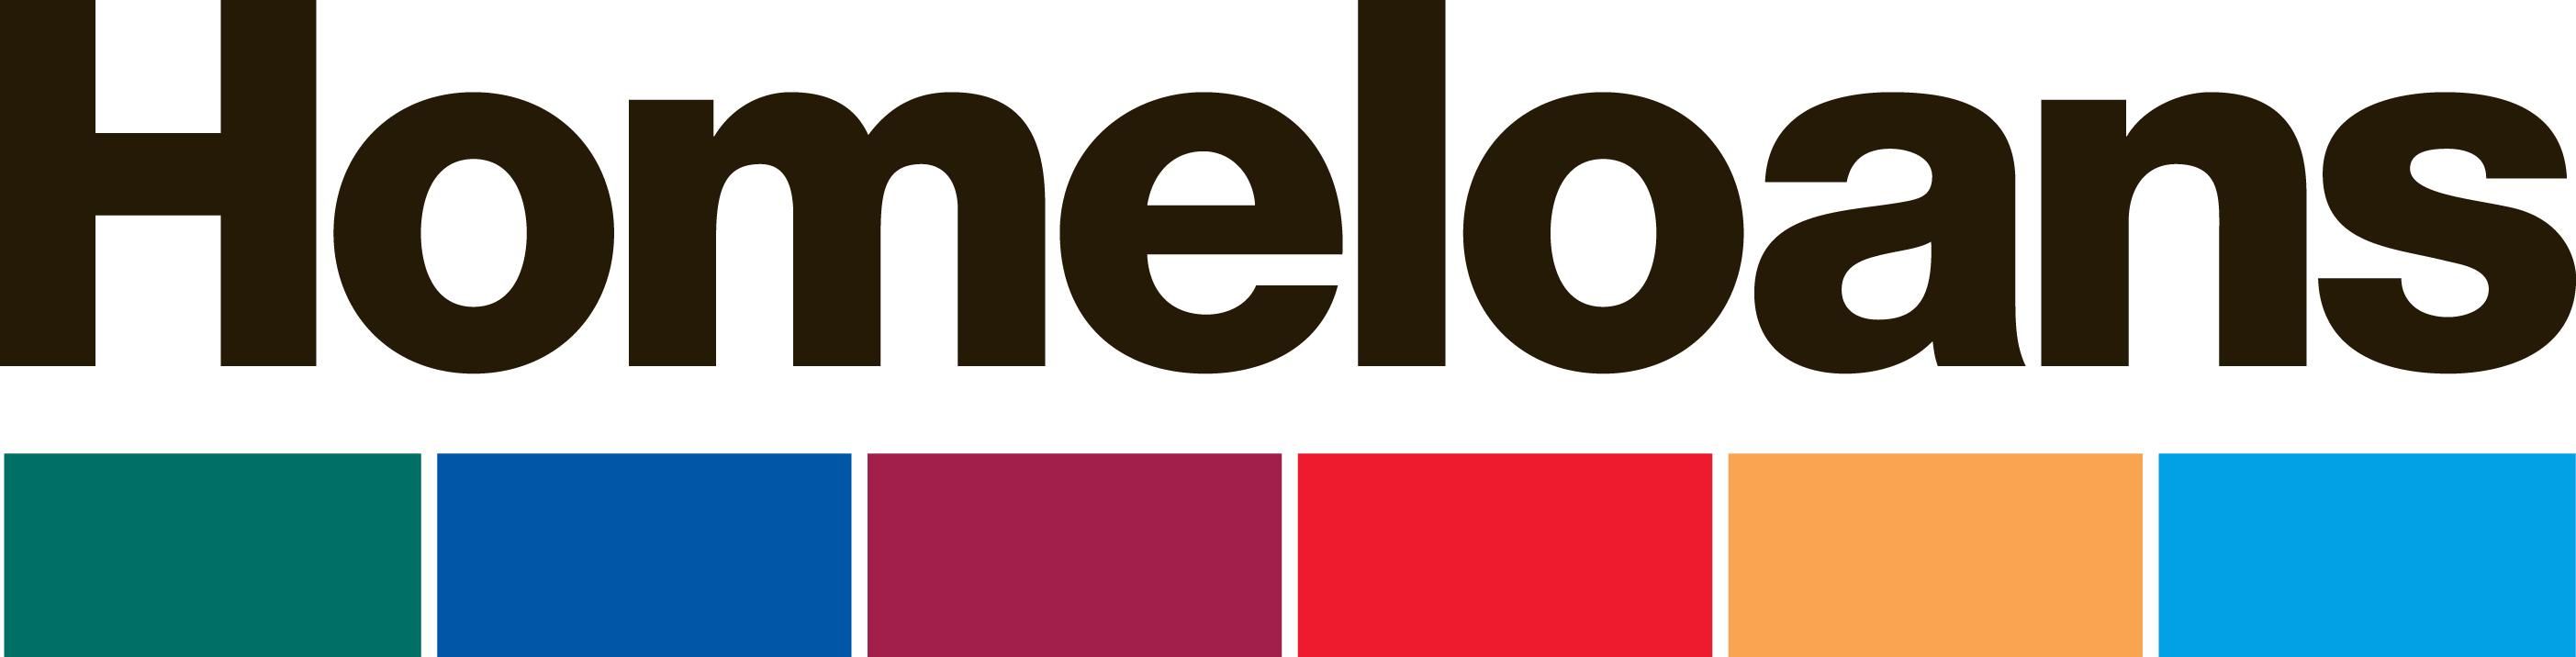 Homeloans-logo1.jpg